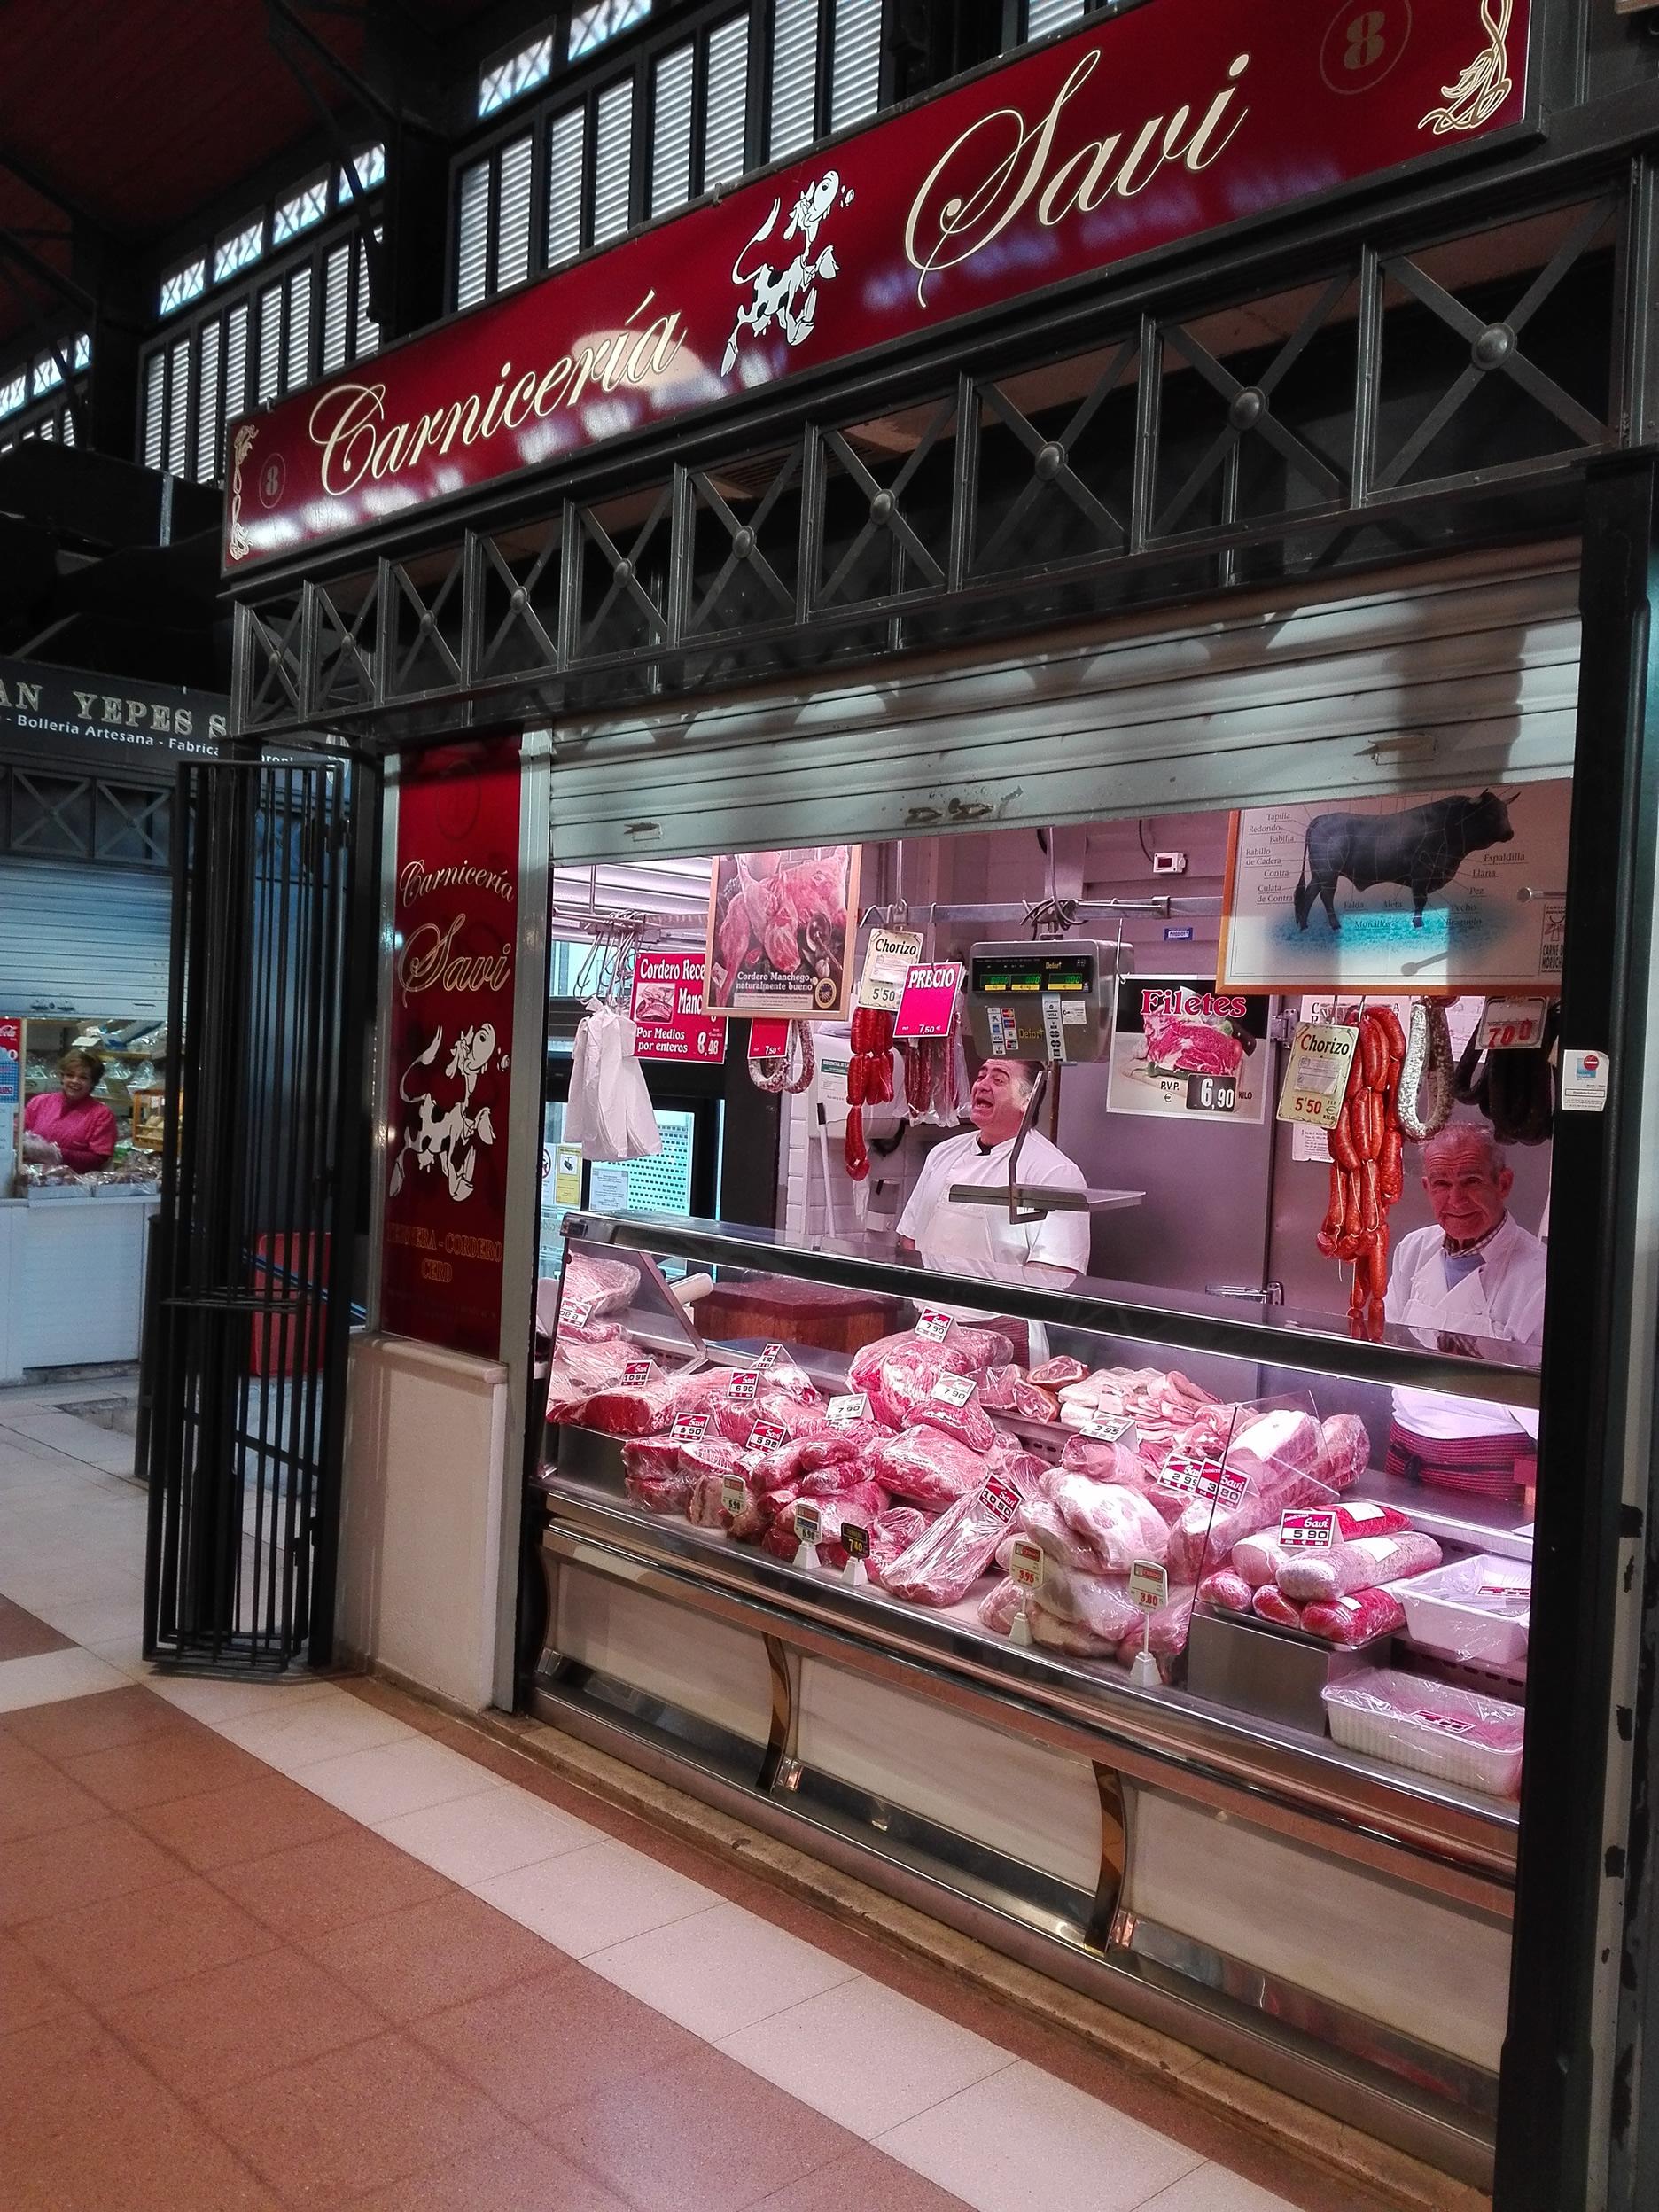 Carniceria Savi